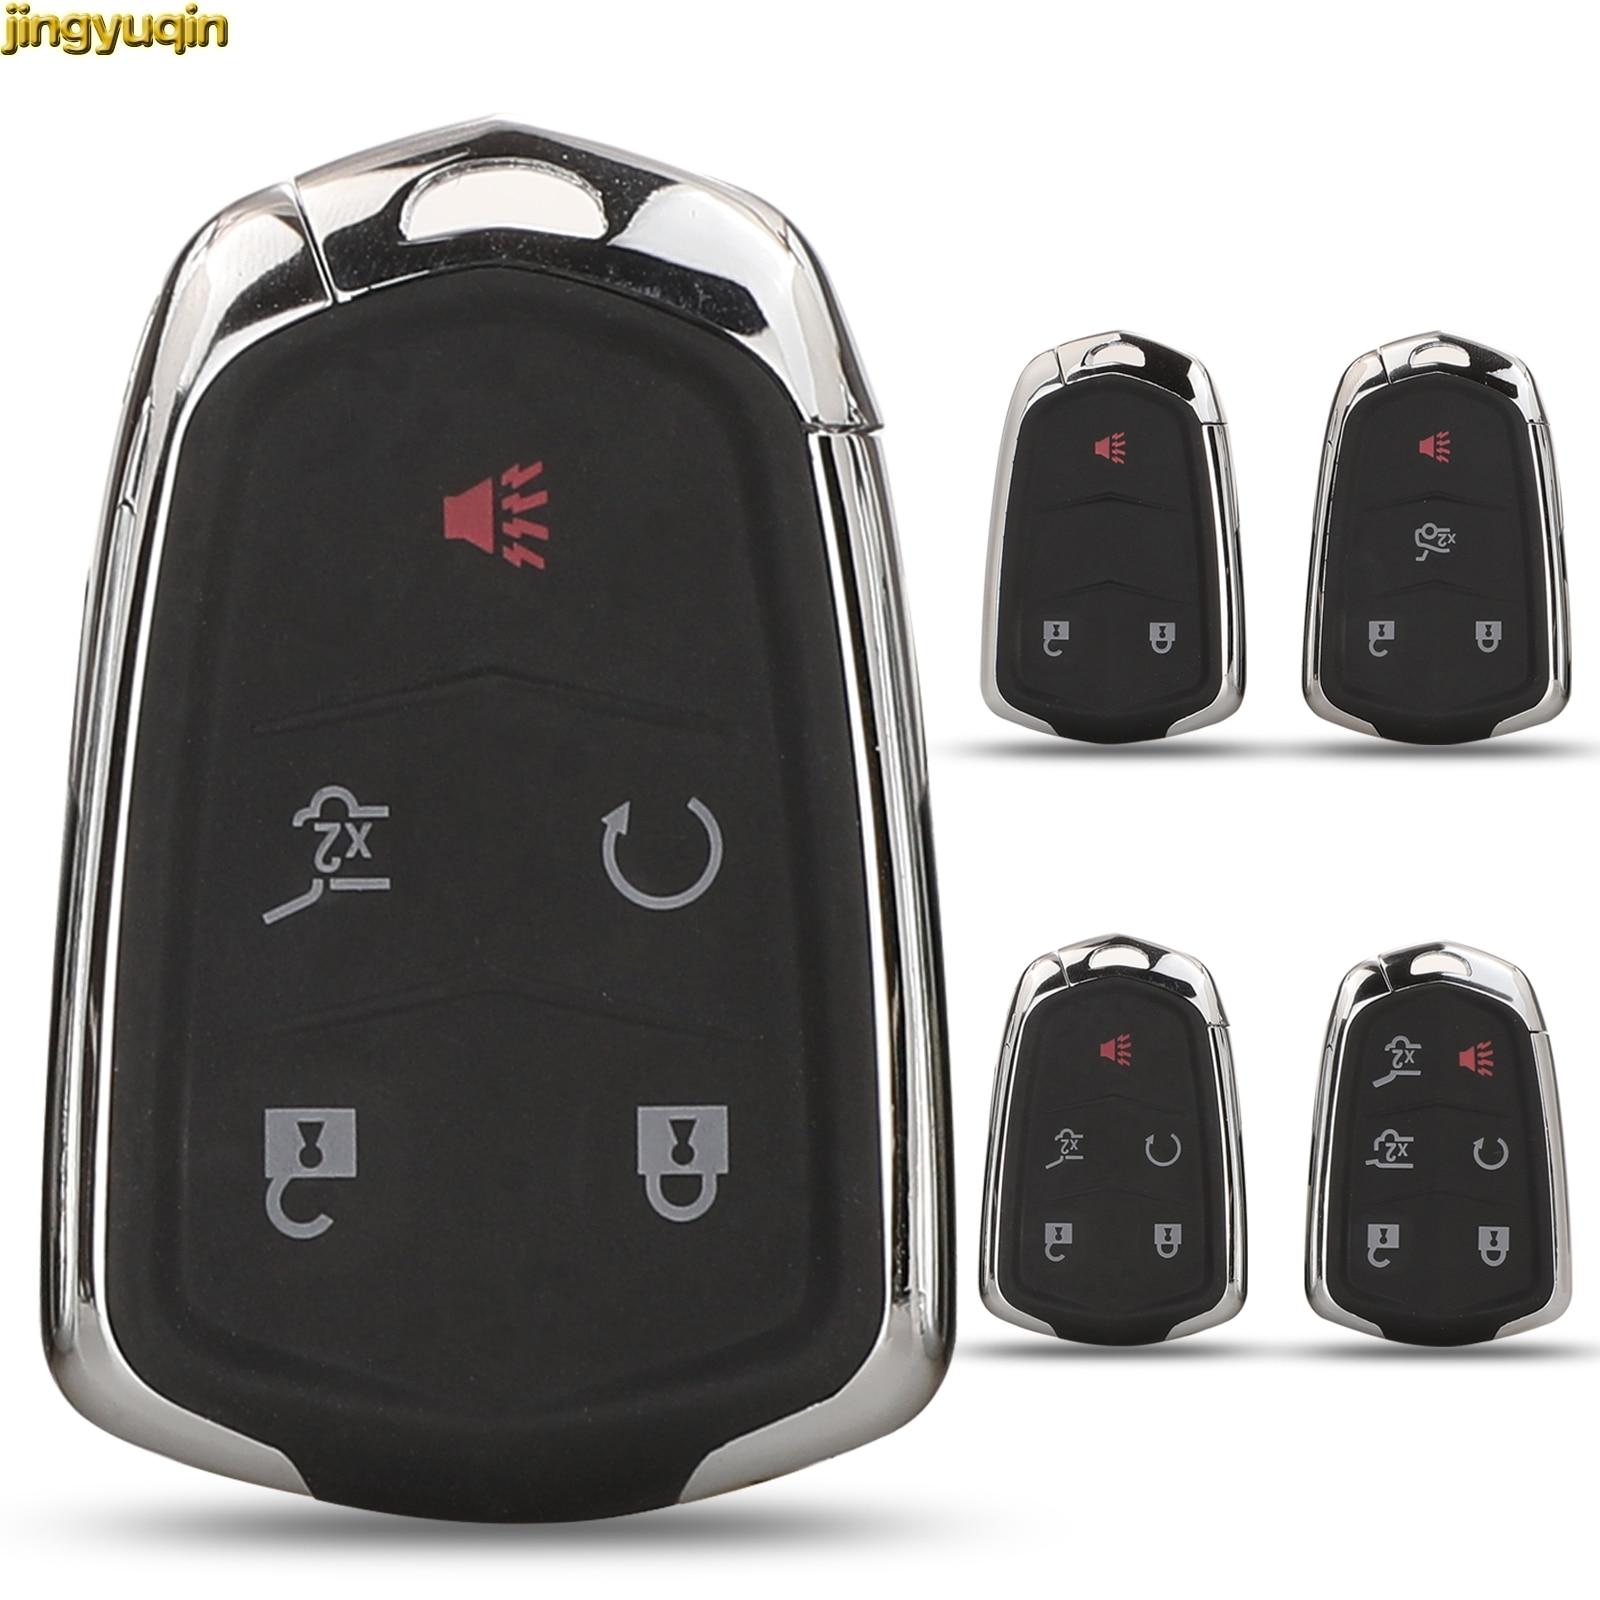 X AUTOHAUX New Car Keyless Remote Key Fob Shell Case Black HYQ2AB for Cadillac Escalade ESV 2015-2018